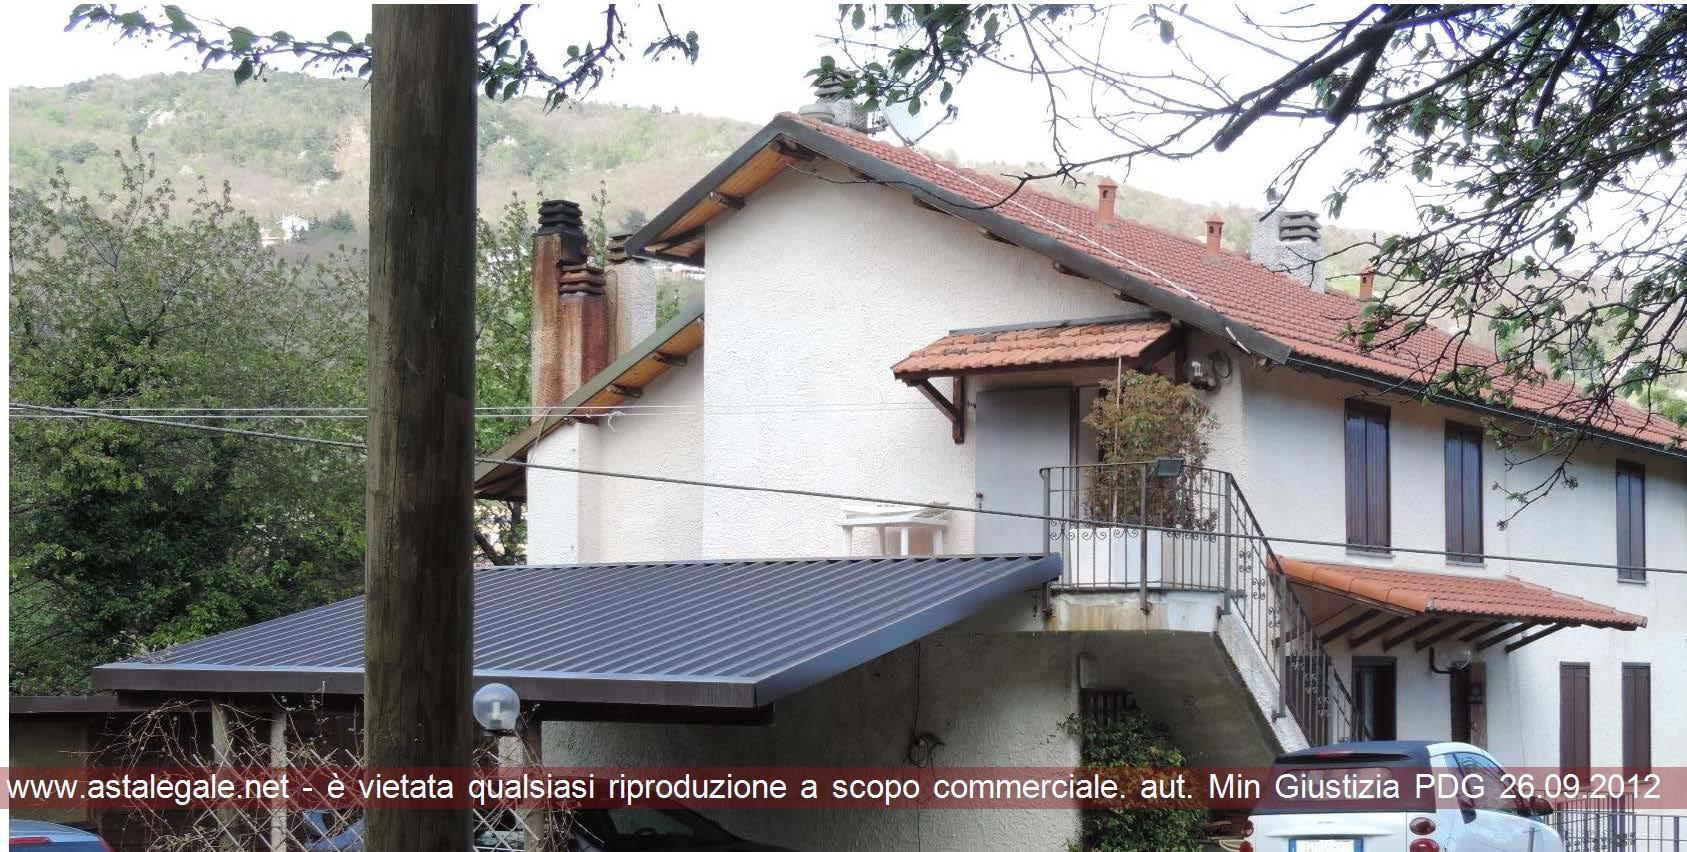 Stella (SV) Localita' Contrada, Frazione San Giovanni 33